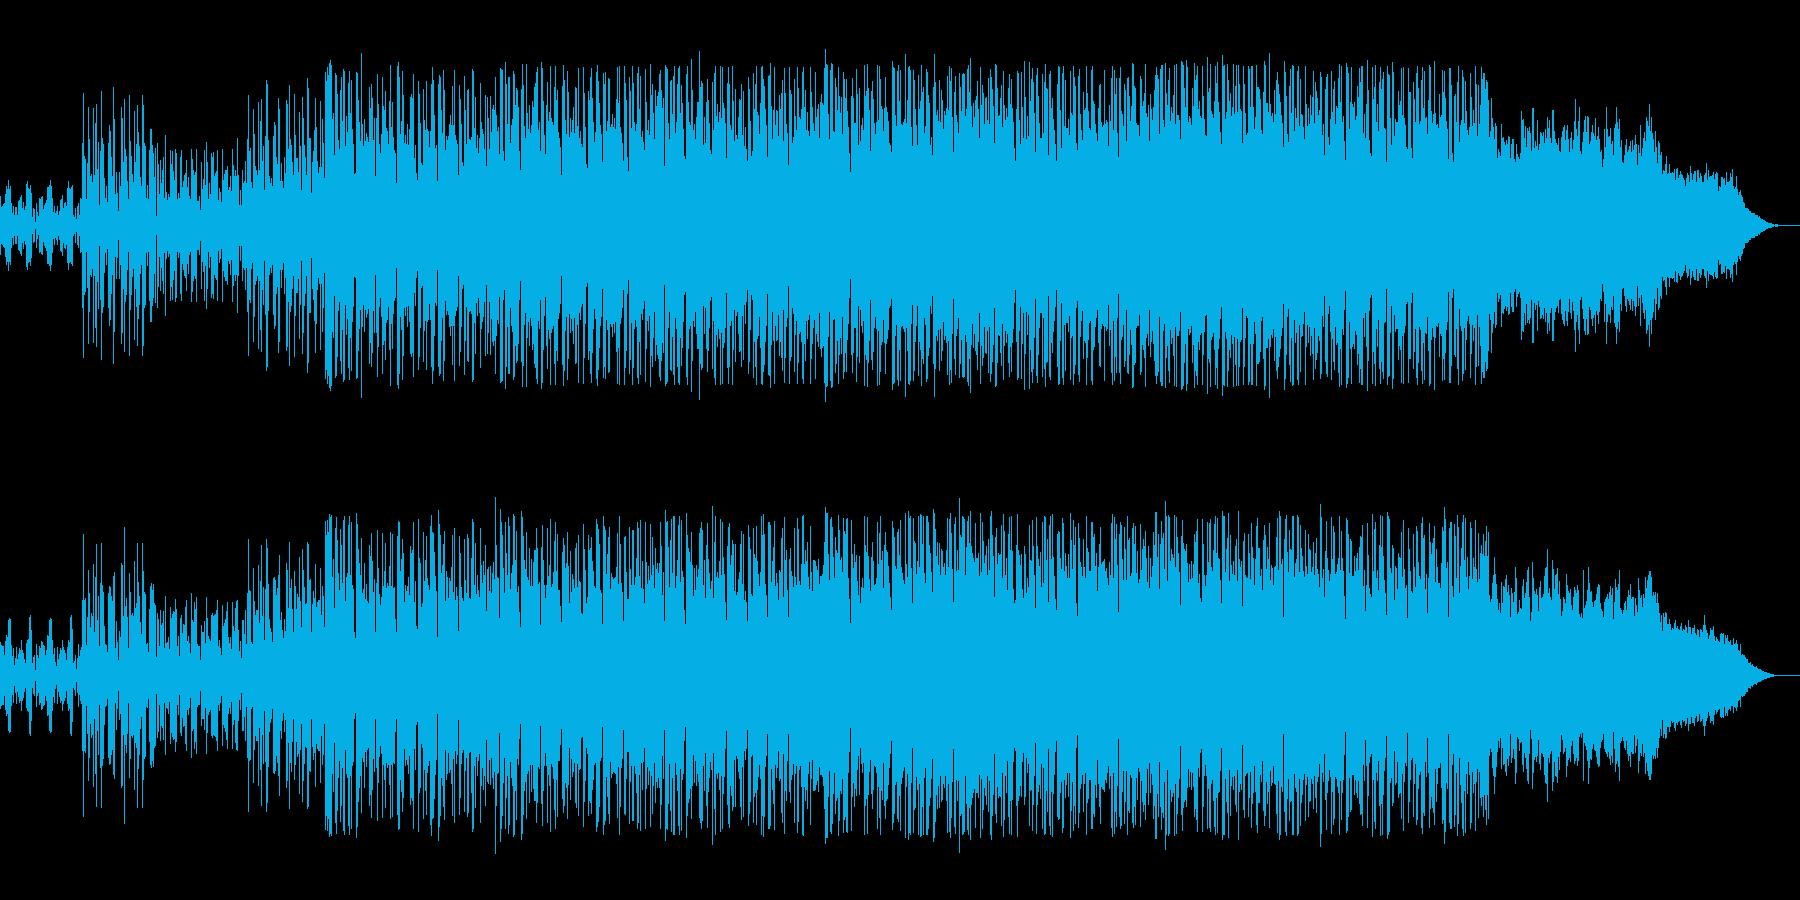 宇宙や近未来感のシンセサウンドの再生済みの波形